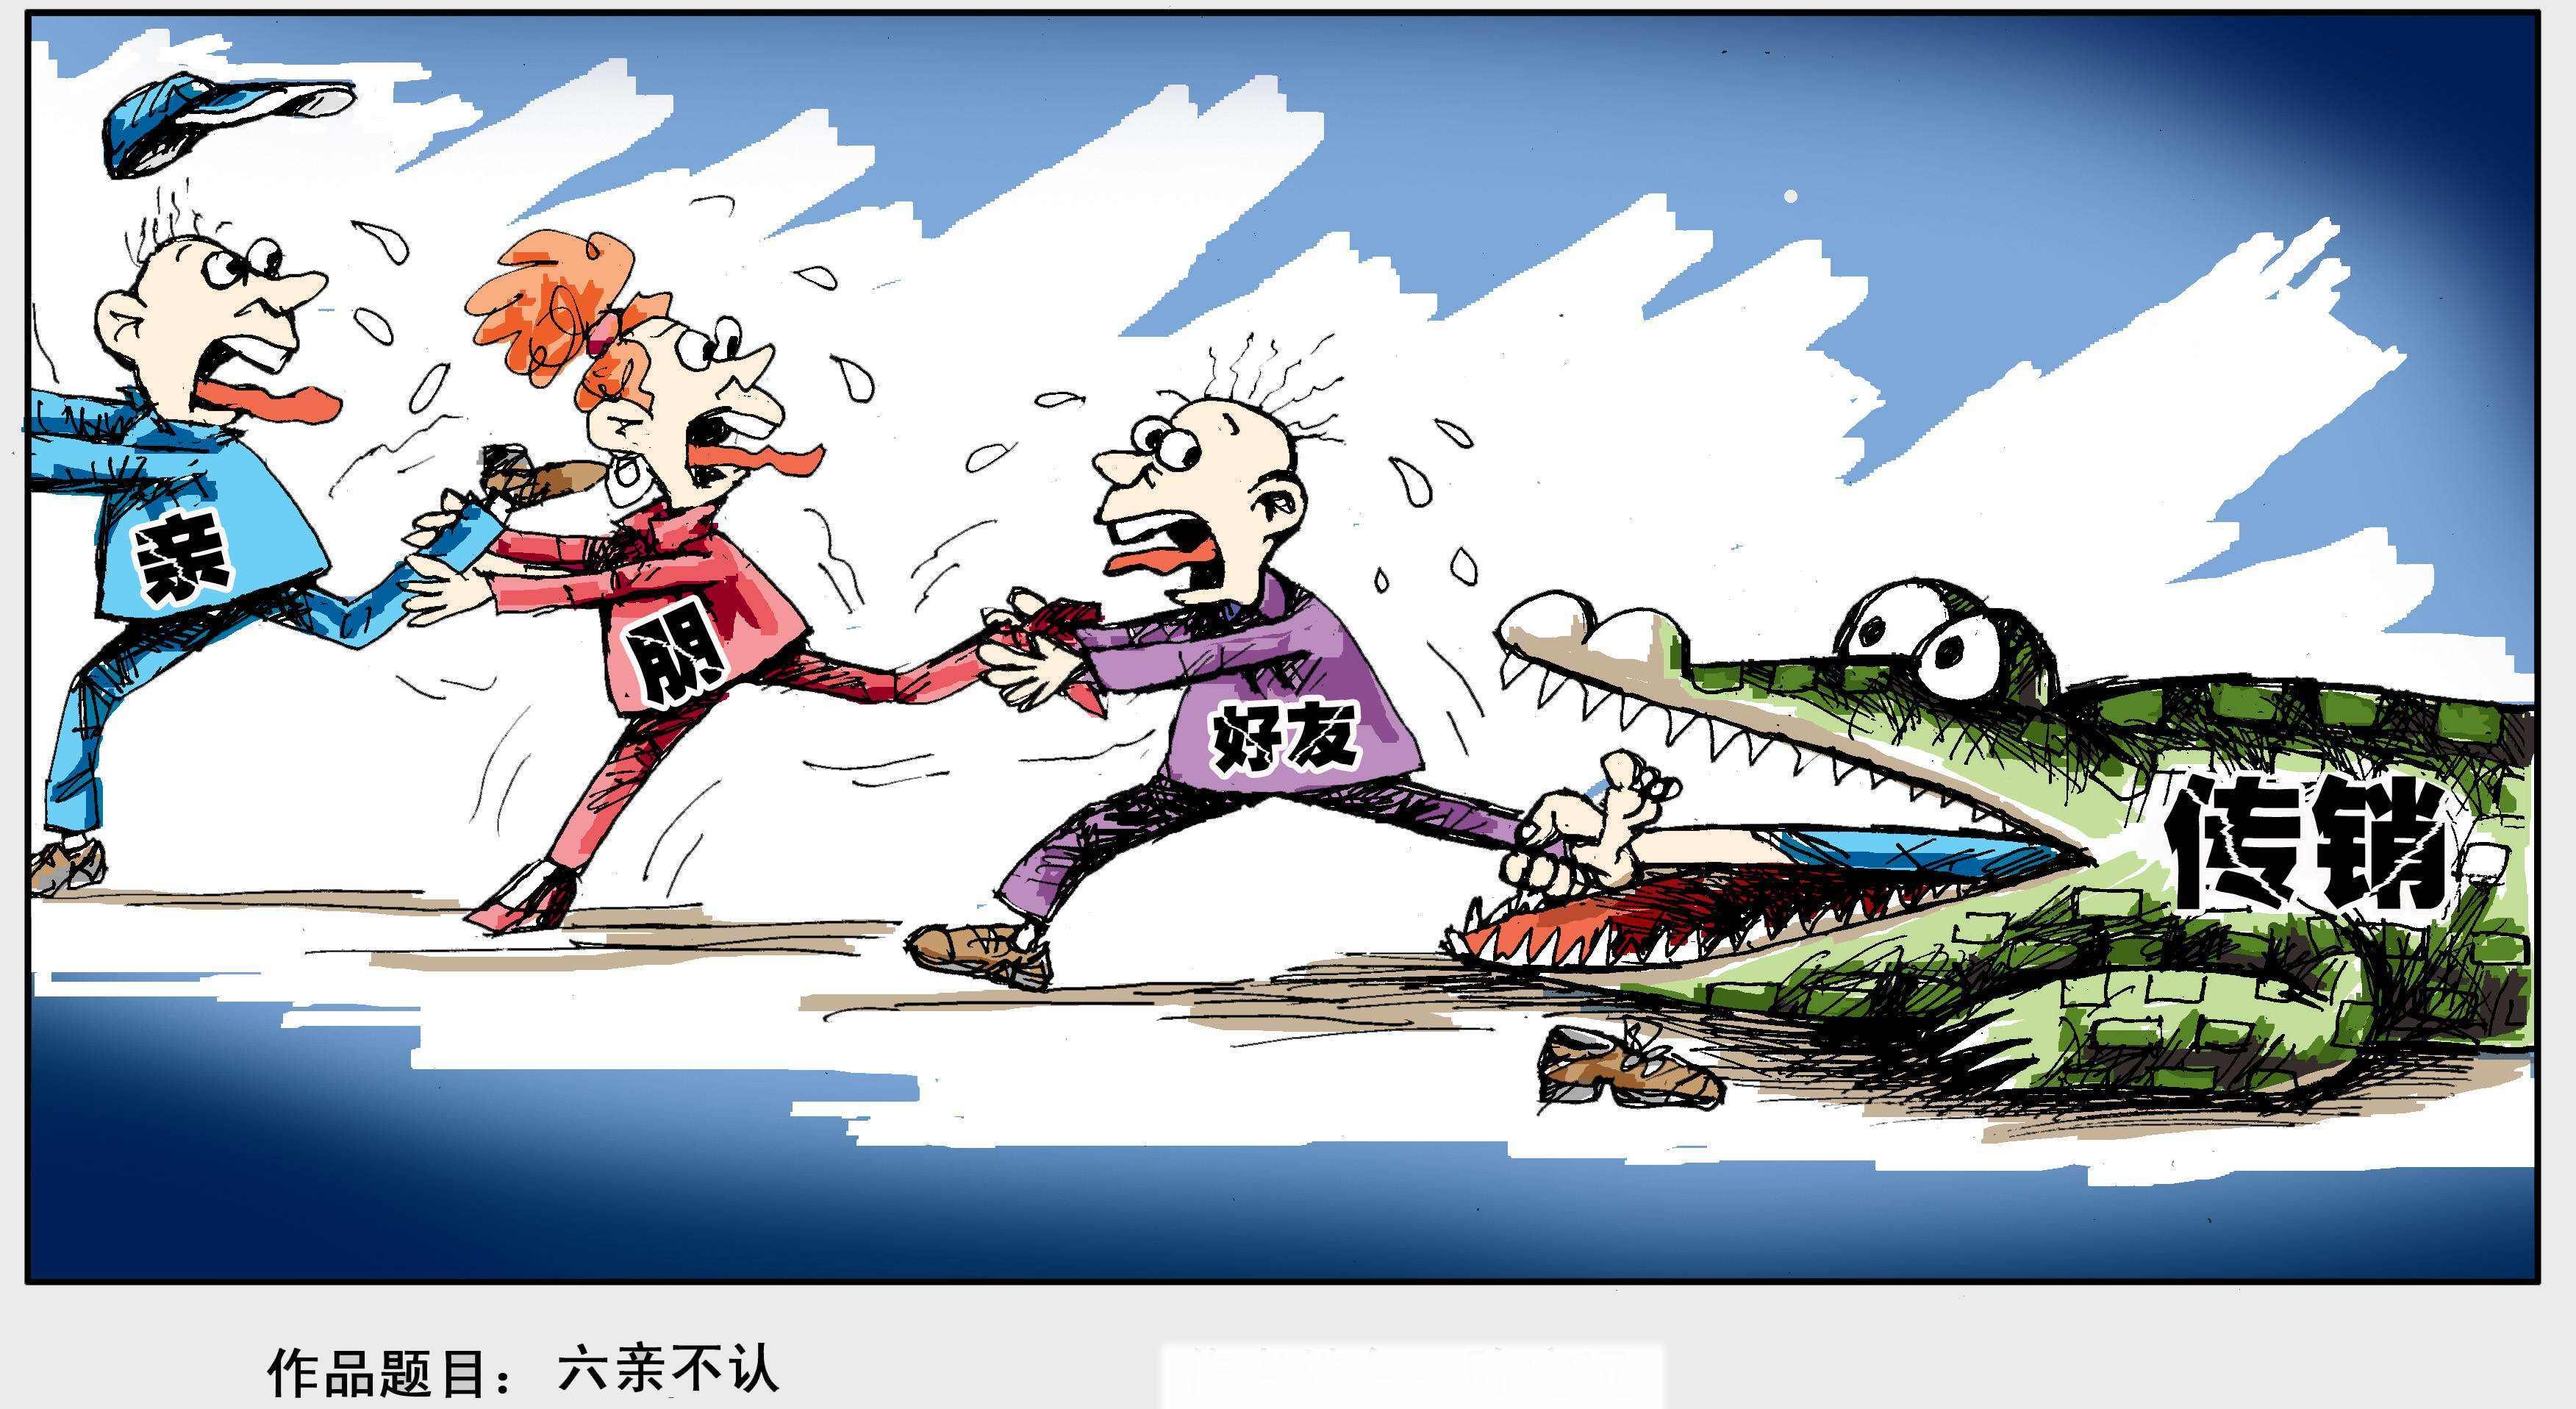 动漫 卡通 漫画 设计 矢量 矢量图 素材 头像 3504_1916